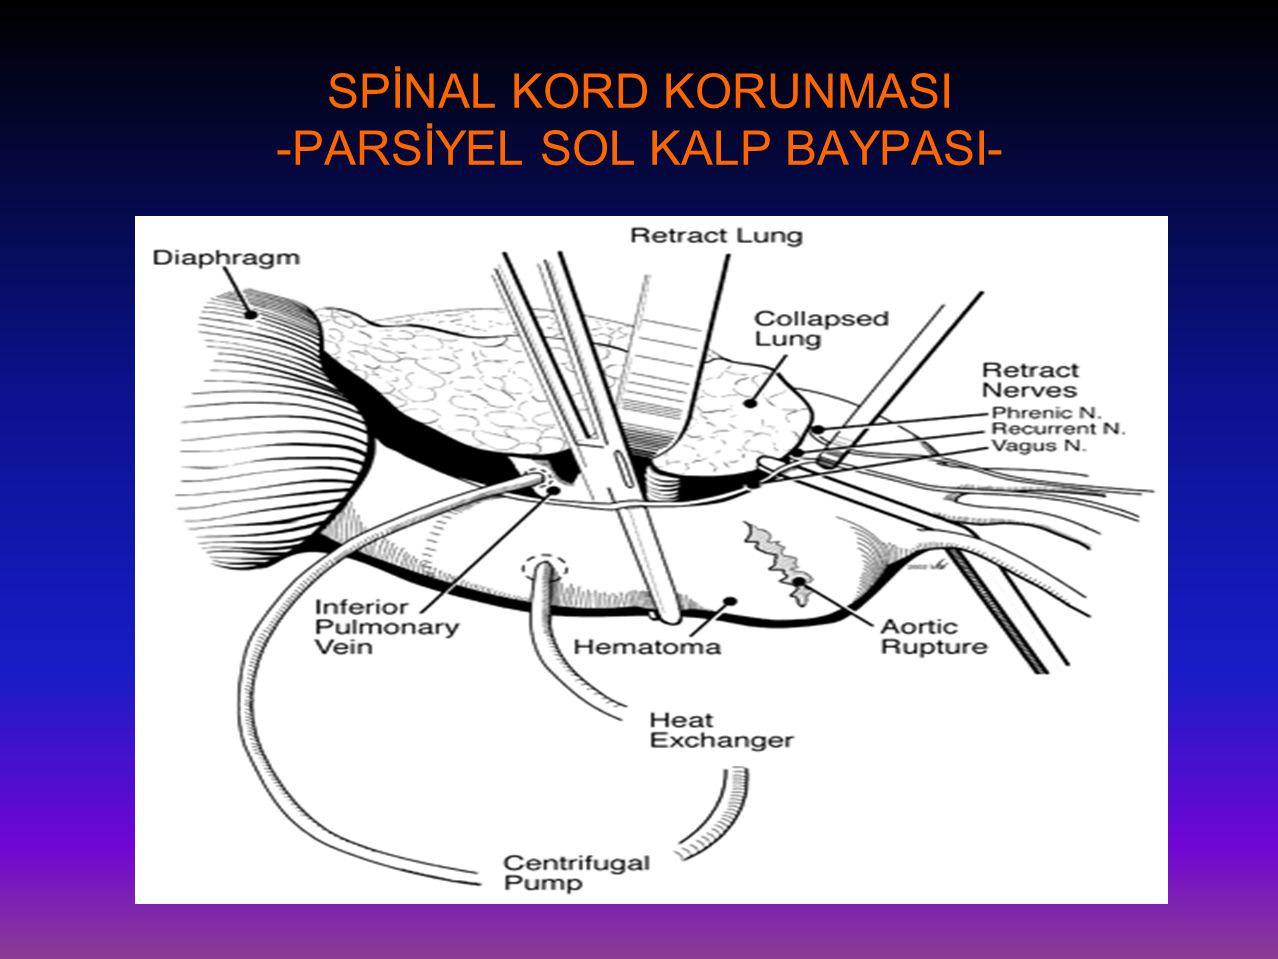 SPİNAL KORD KORUNMASI -PARSİYEL SOL KALP BAYPASI-